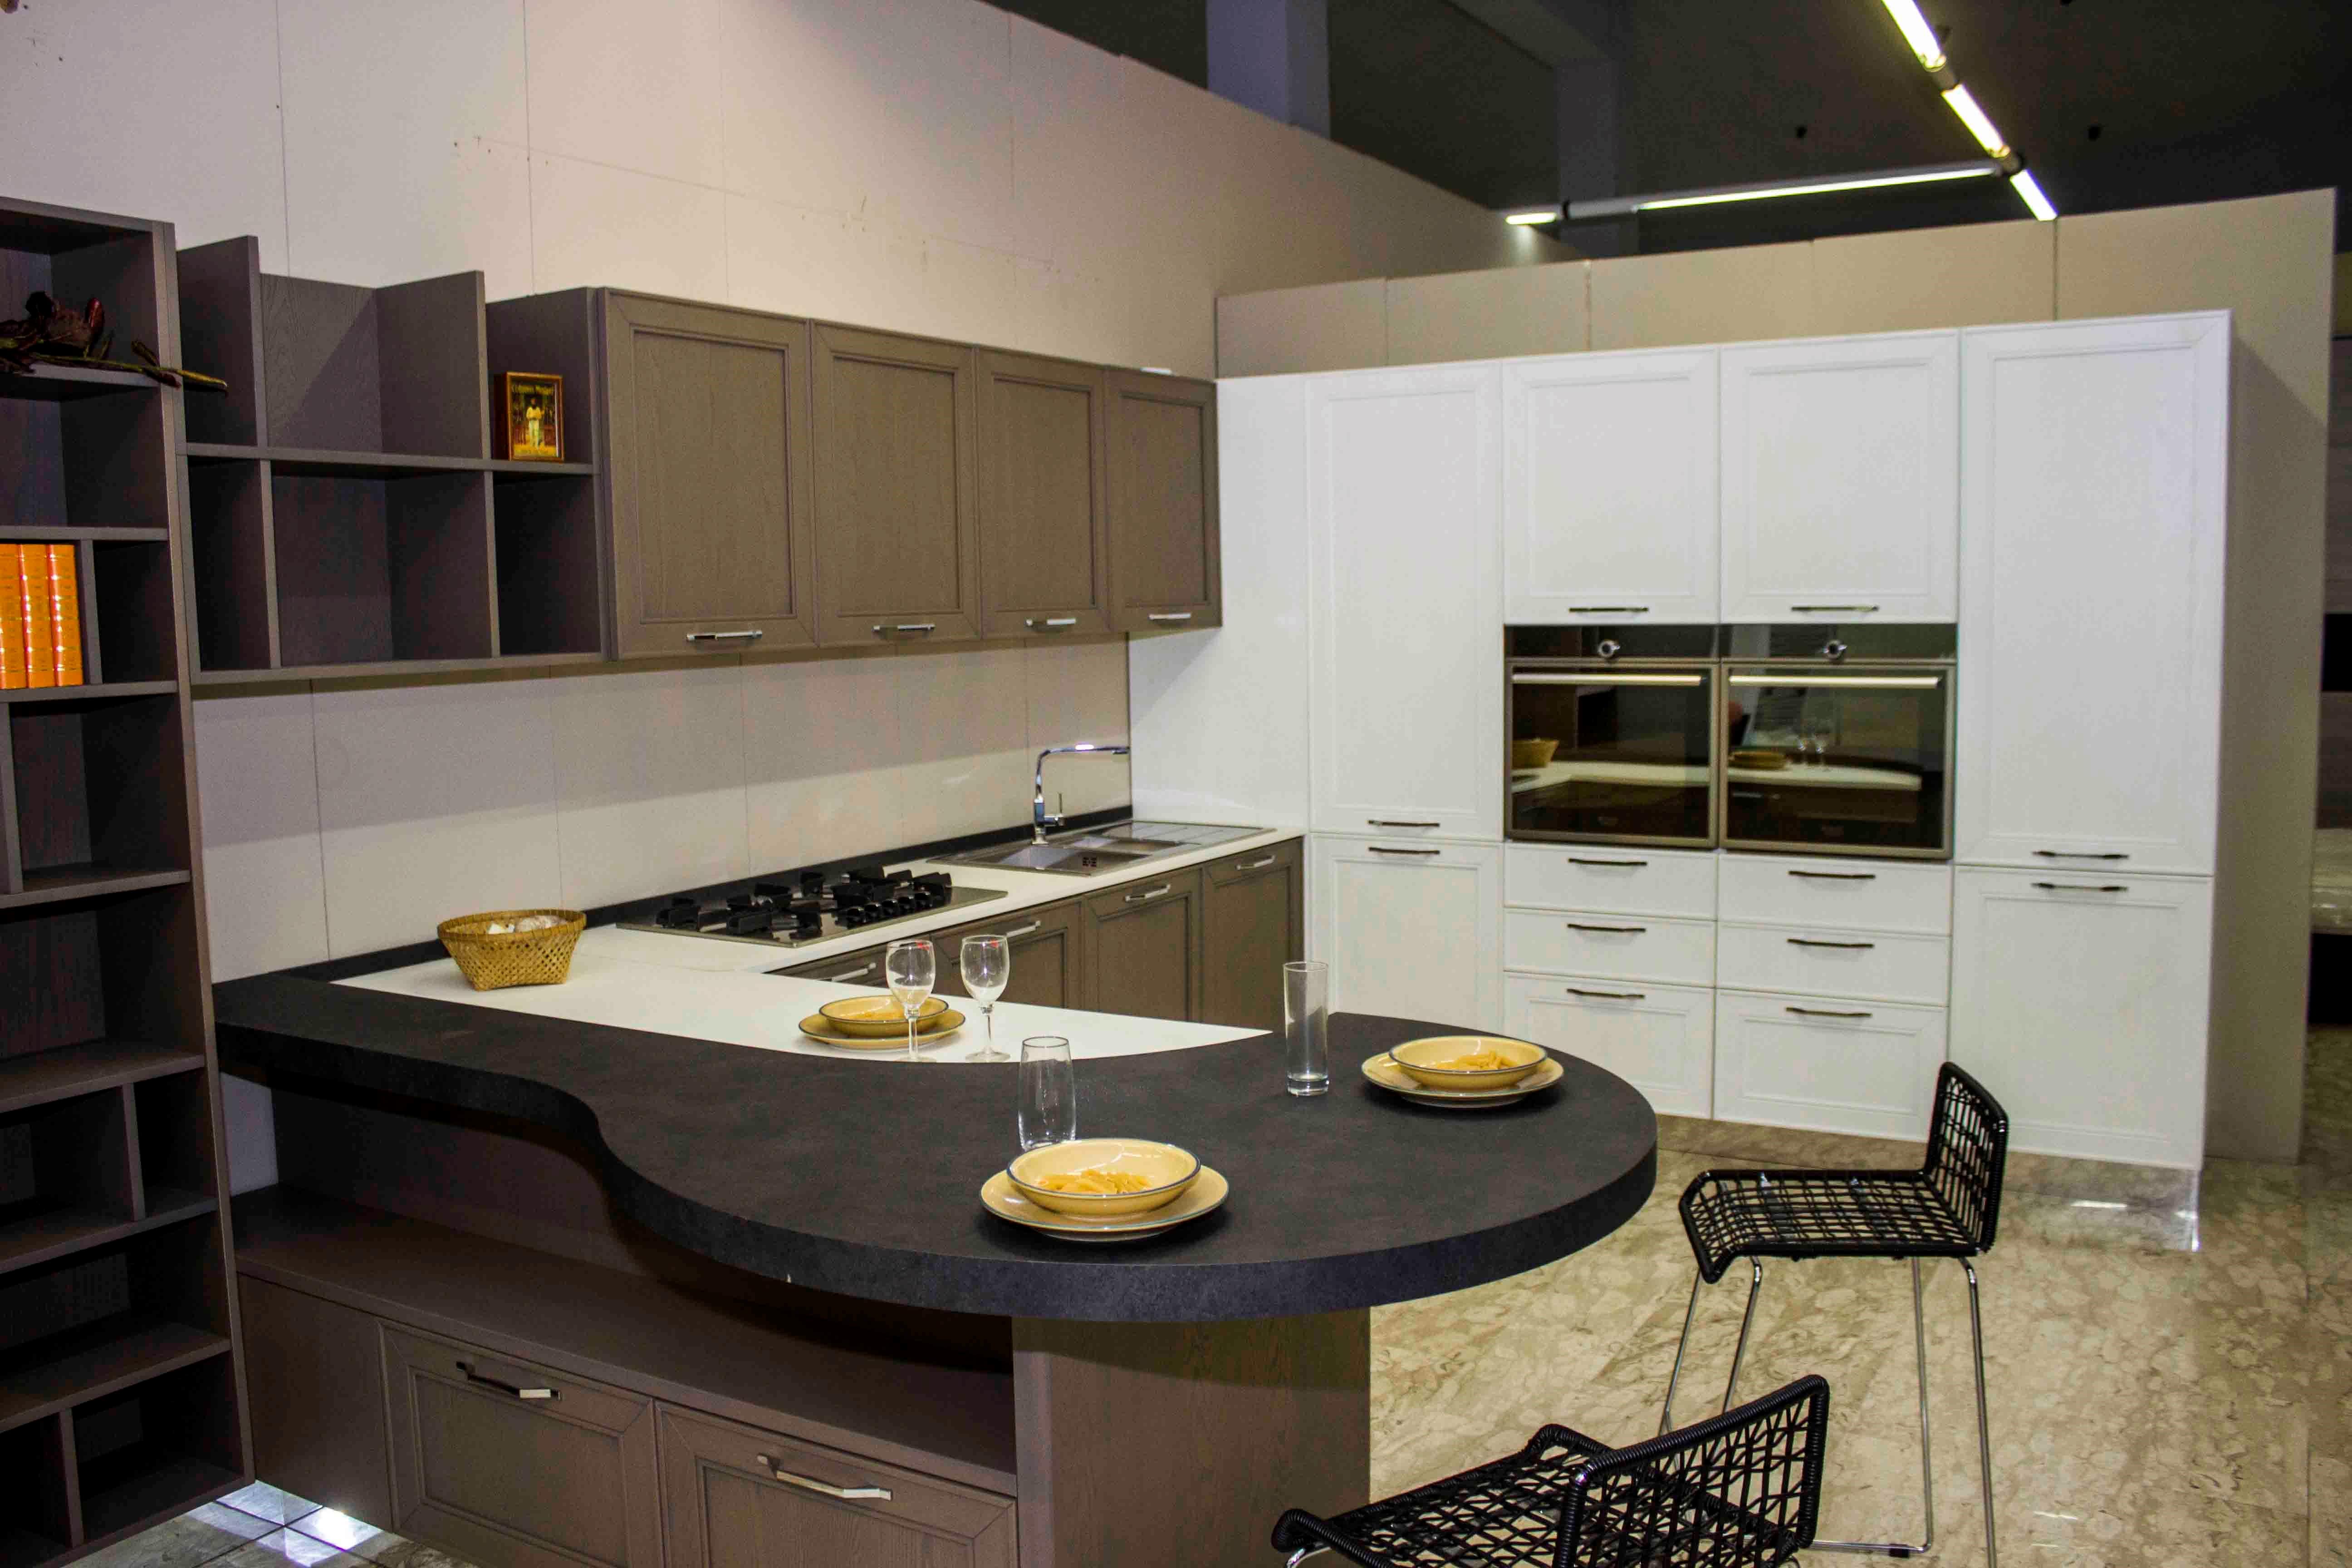 Cucina stosa cucine maxim scontato del 71 cucine a prezzi scontati - Altezza cucina stosa ...